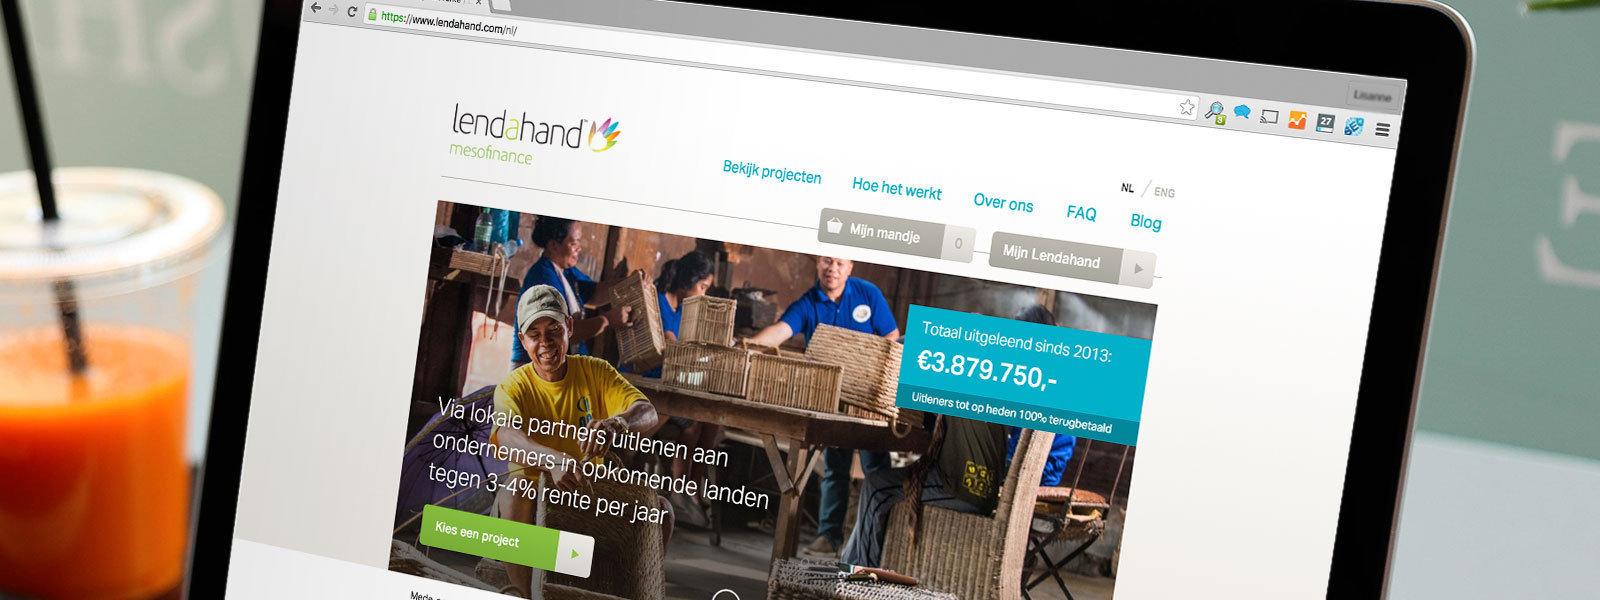 Crowdfundingplatform Lendahand wint Financieel Product van het Jaar